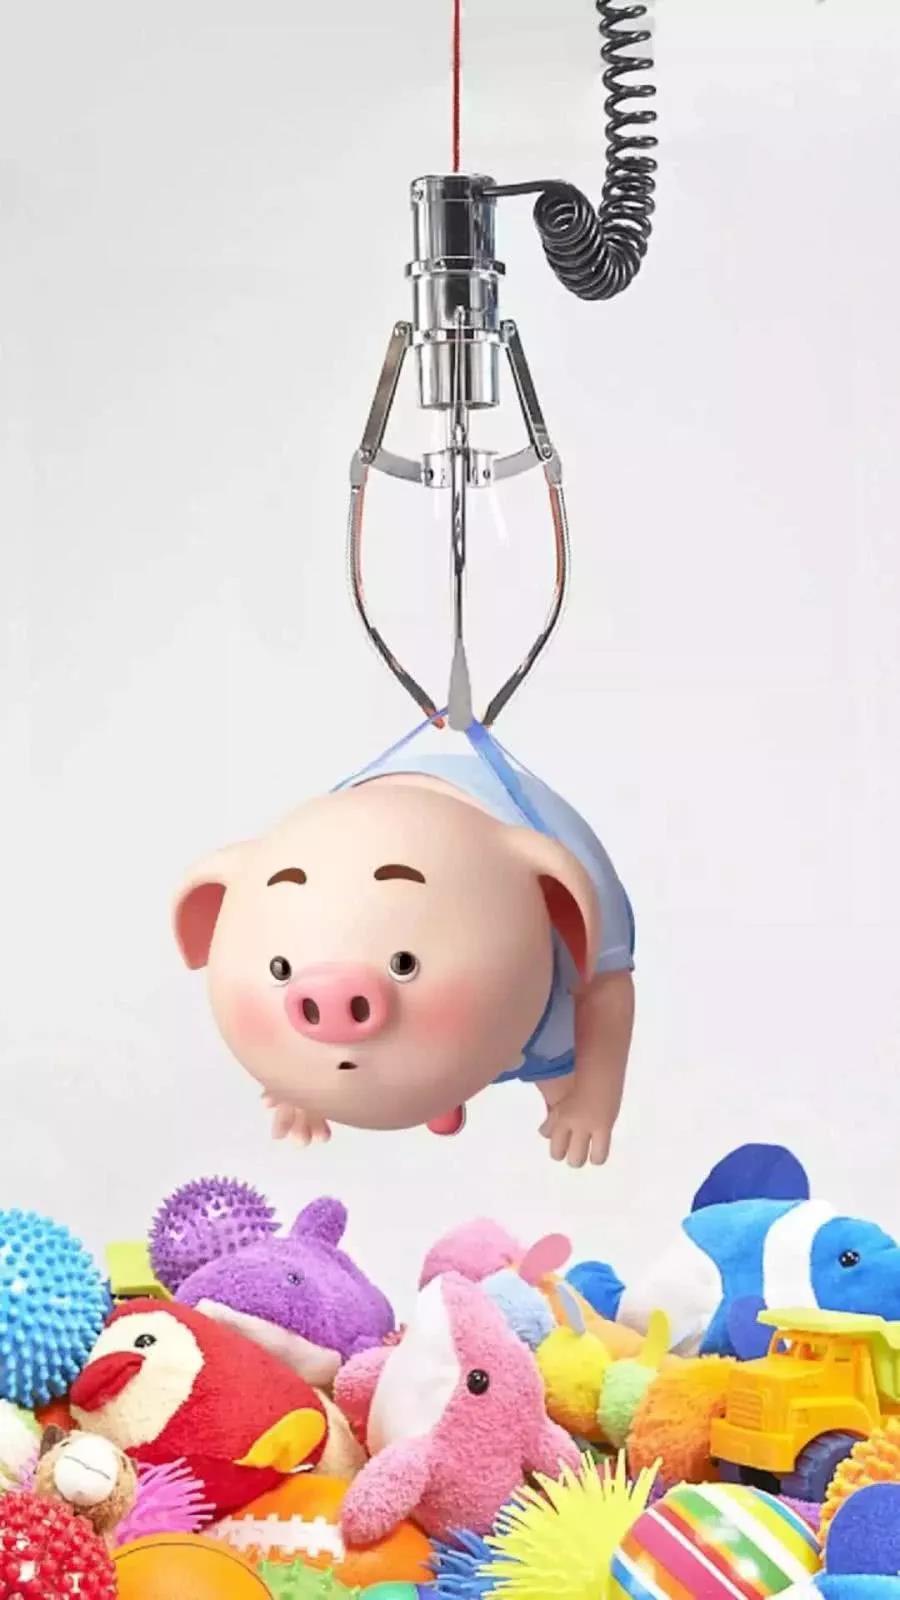 2019小猪猪新年壁纸,送给你,愿你新年里,想要的都拥有!